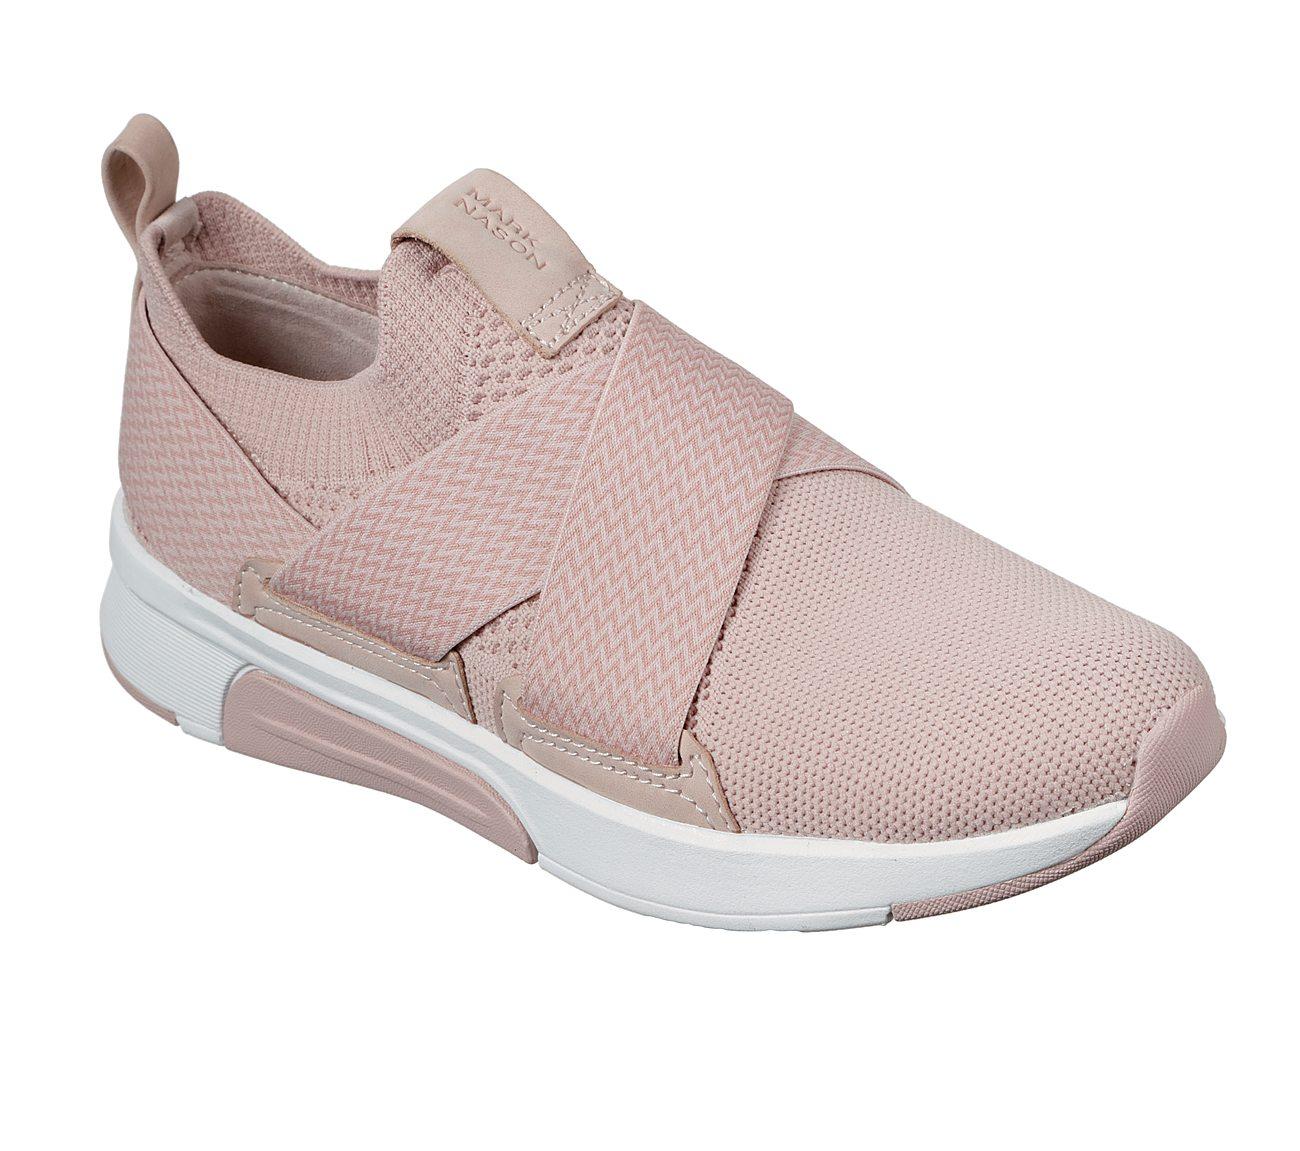 skechers women's ziggy sandal